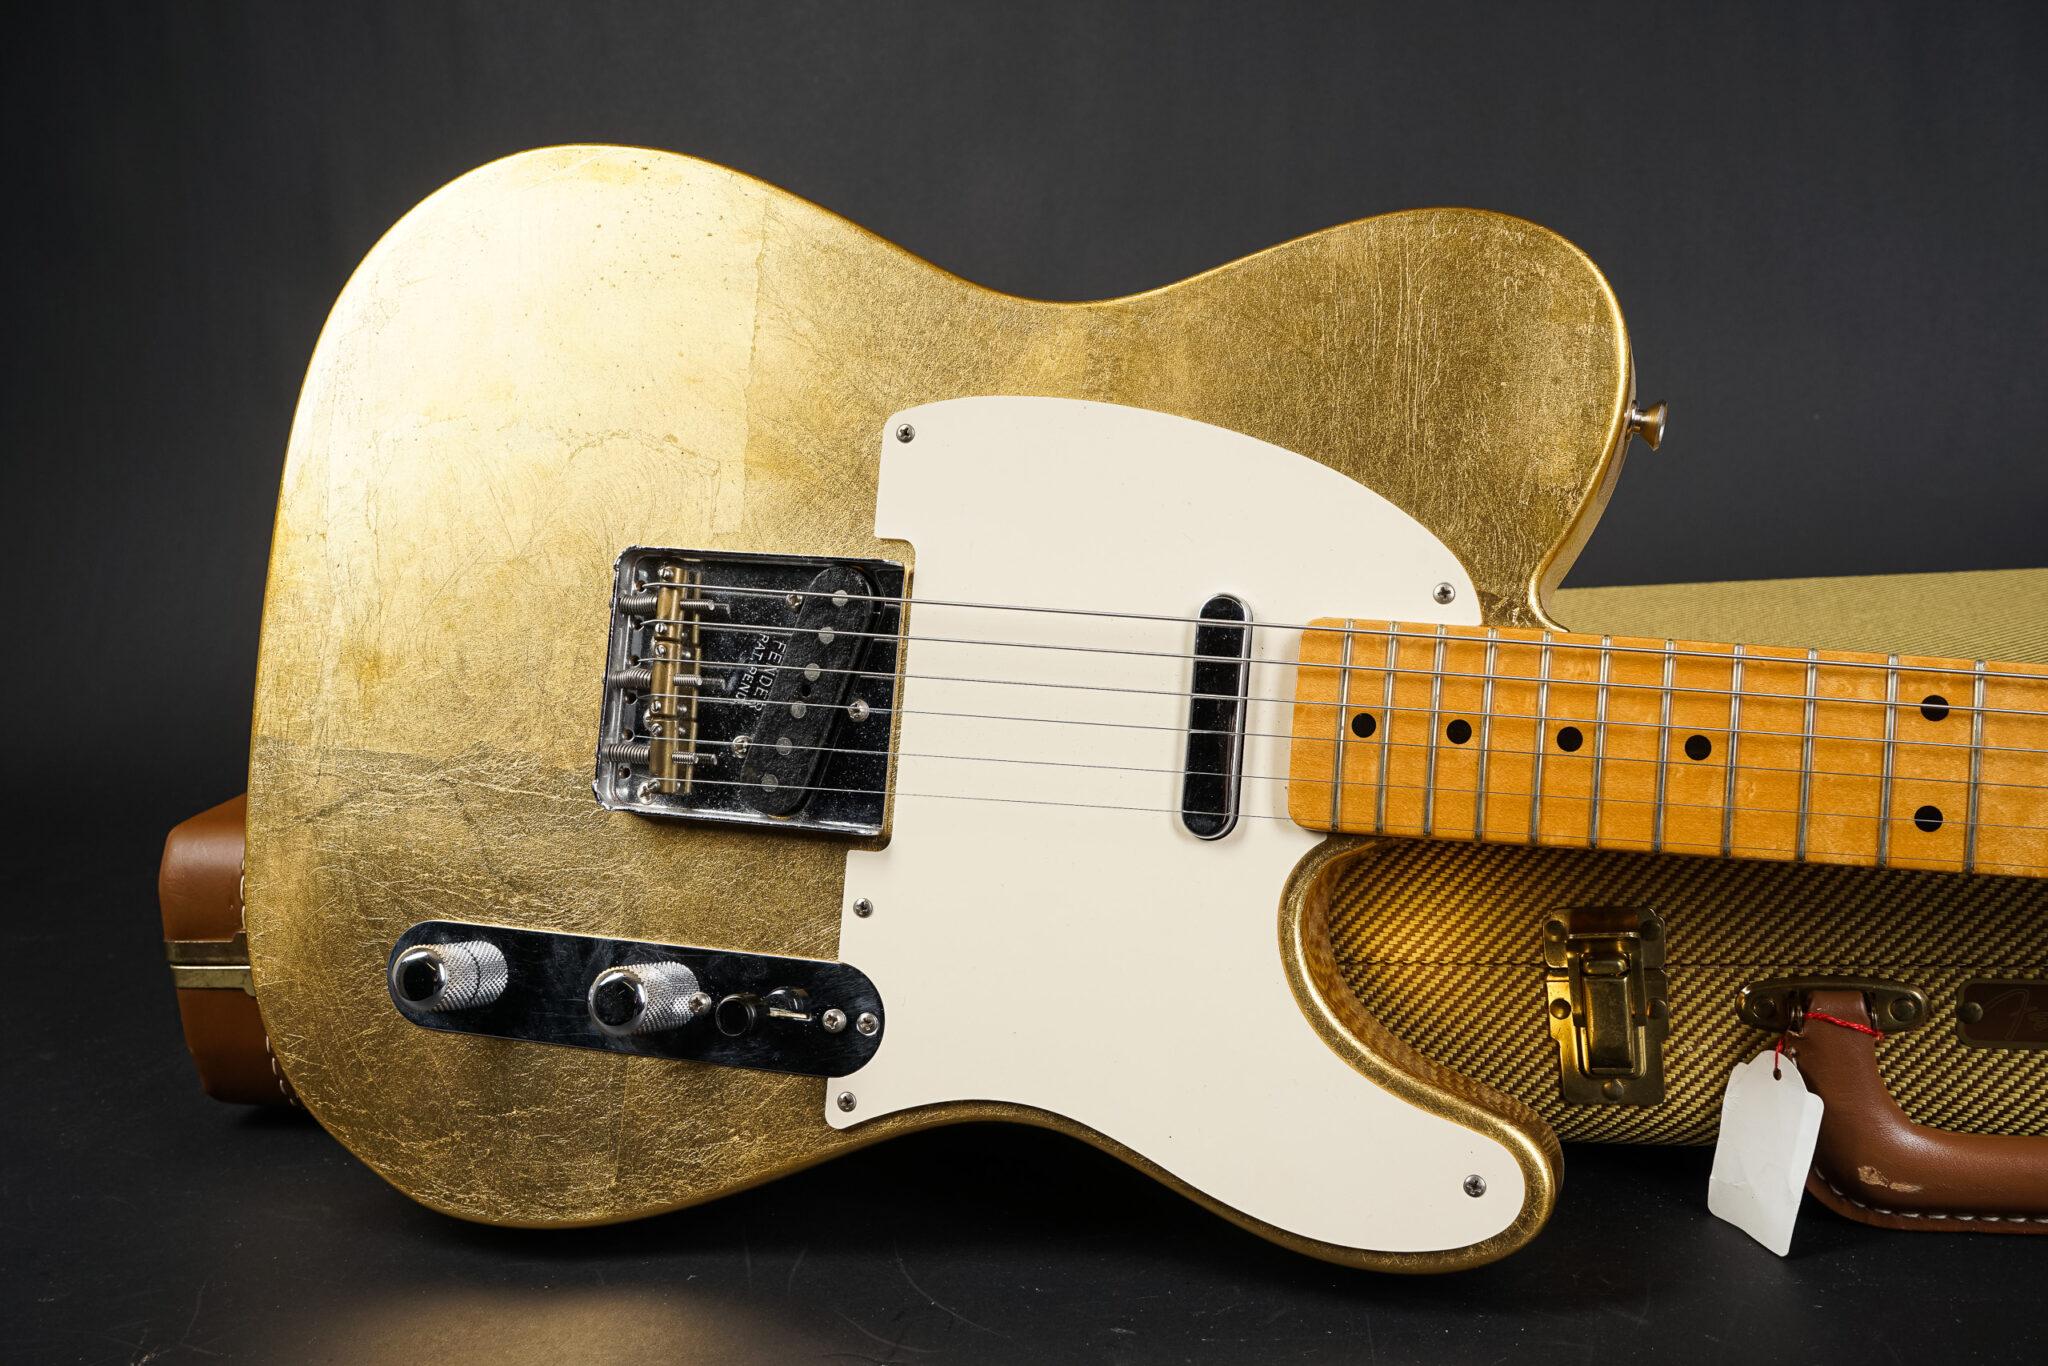 https://guitarpoint.de/app/uploads/products/2003-fender-custom-shop-gold-leaf-telecaster-8-of-10/leaf-tele-9-2048x1366.jpg